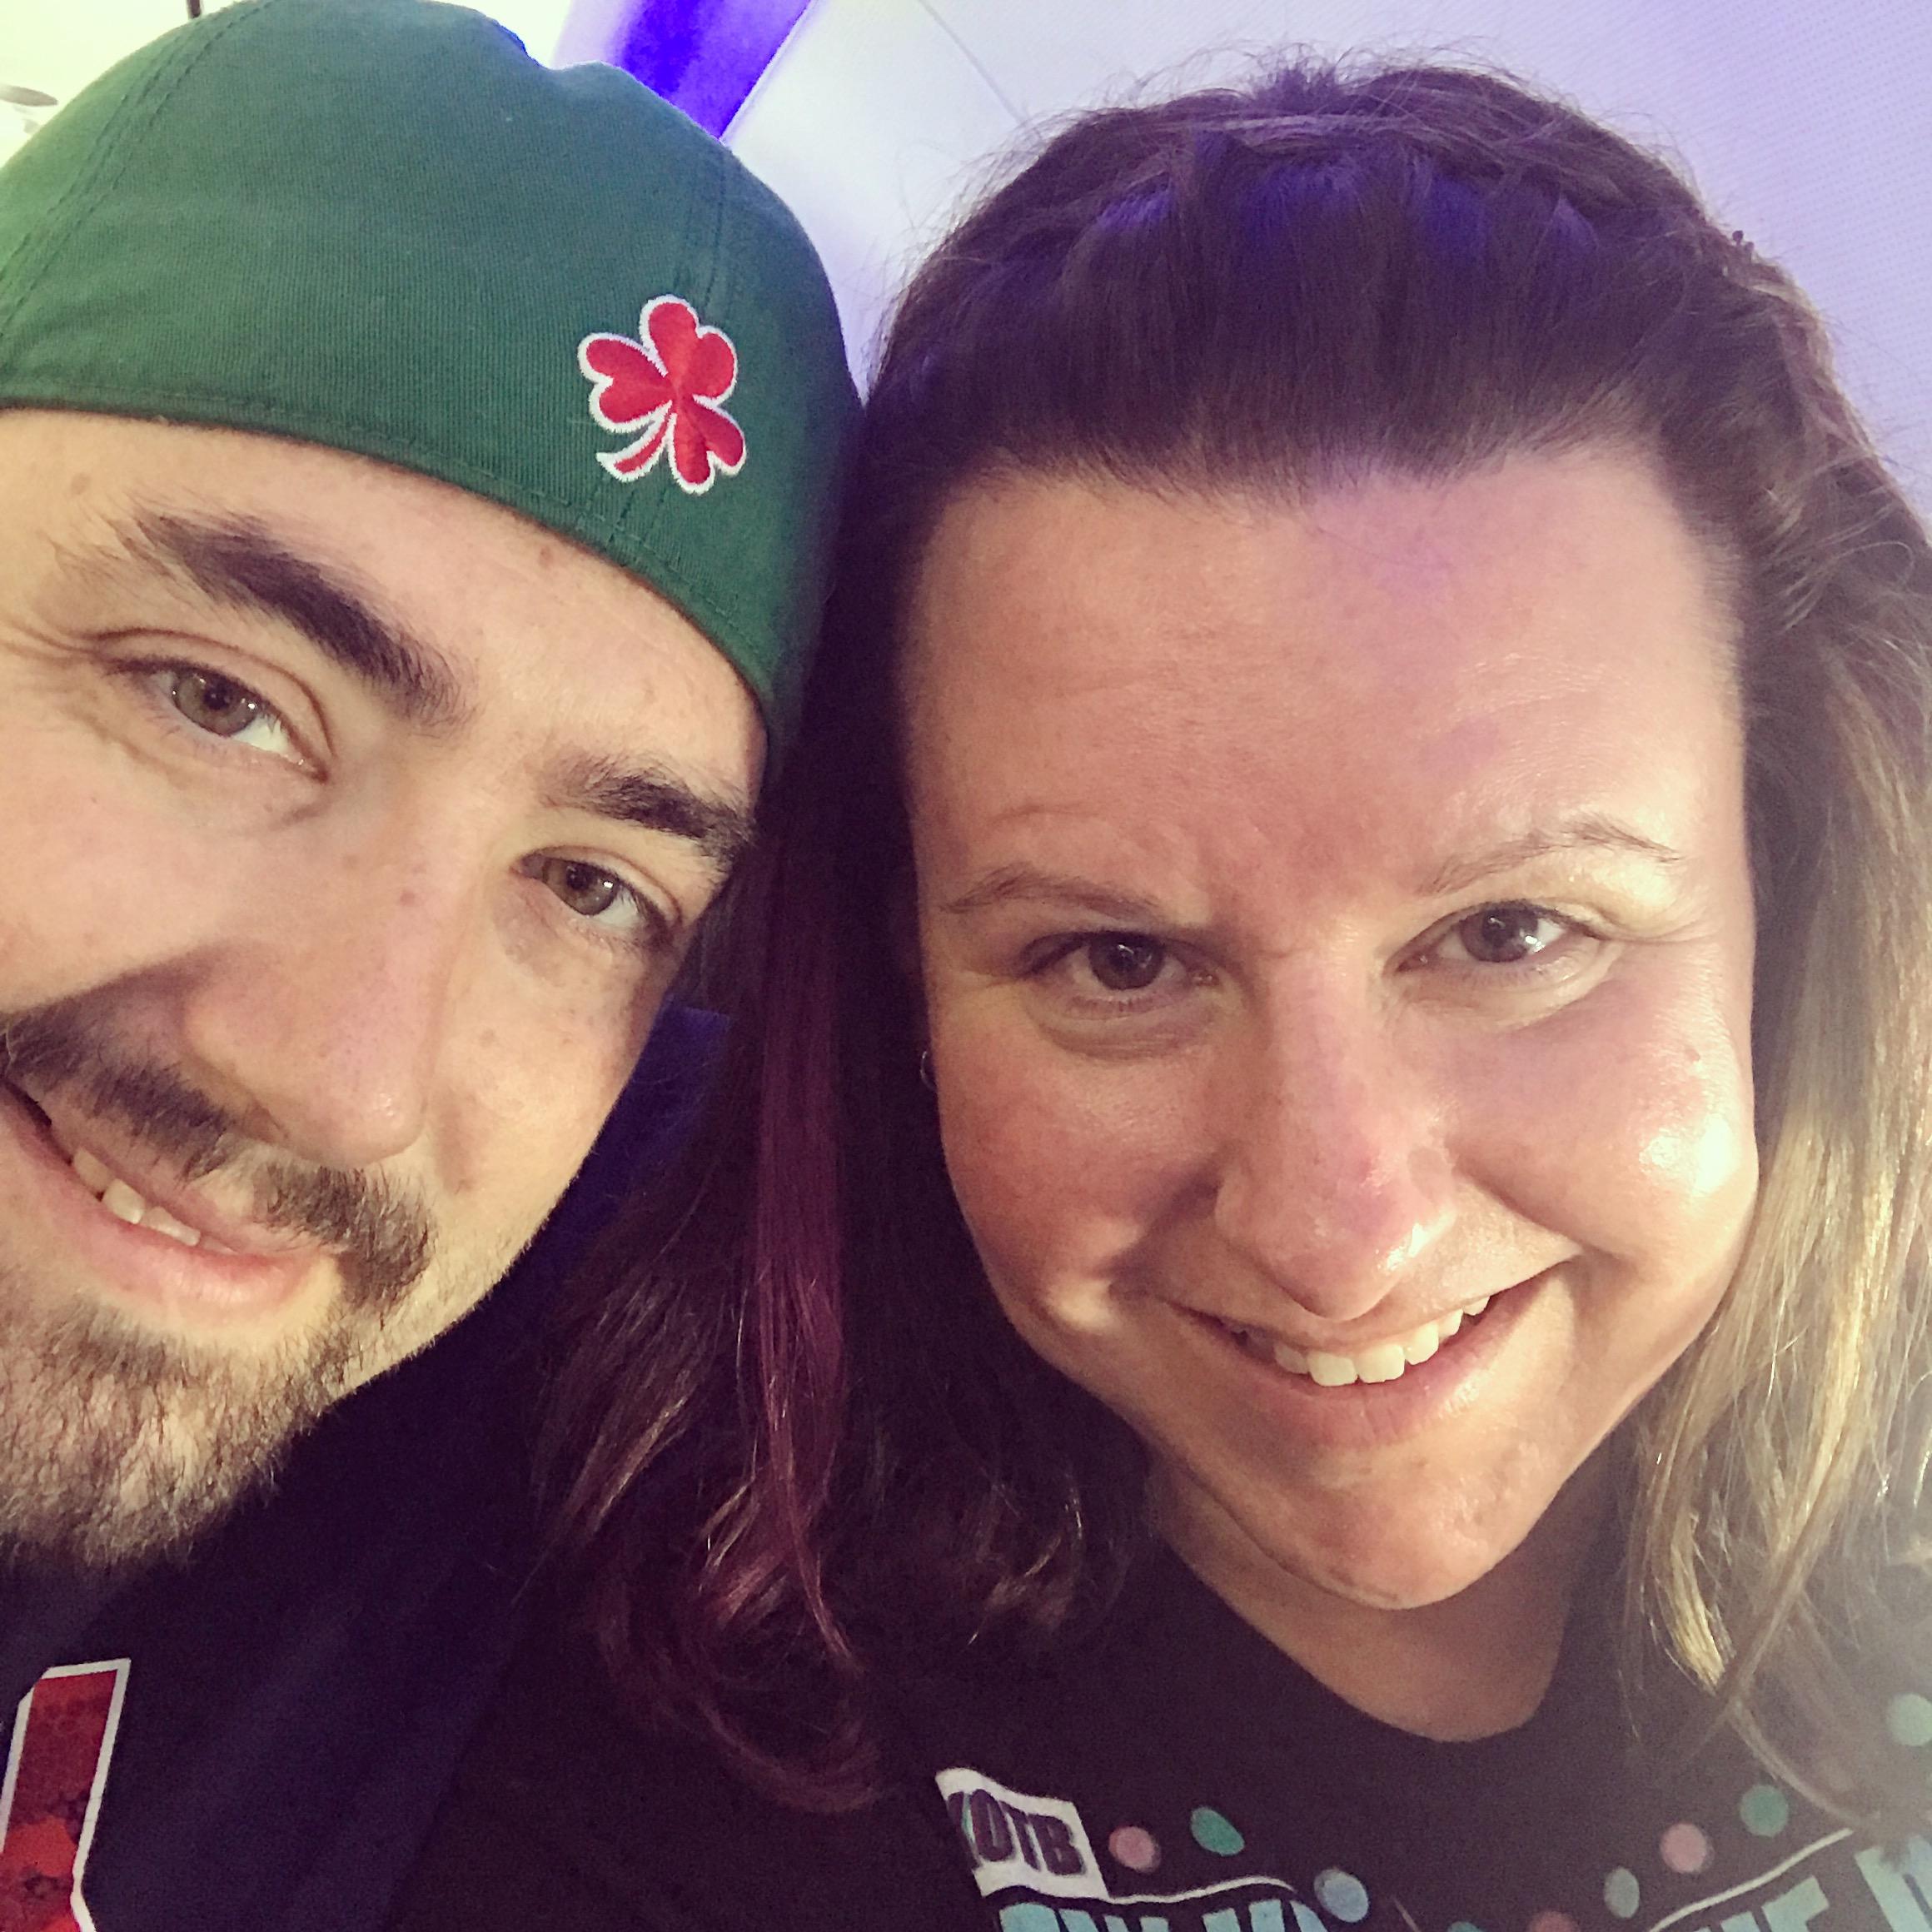 Kevin & Nikki on the plane back to Boston